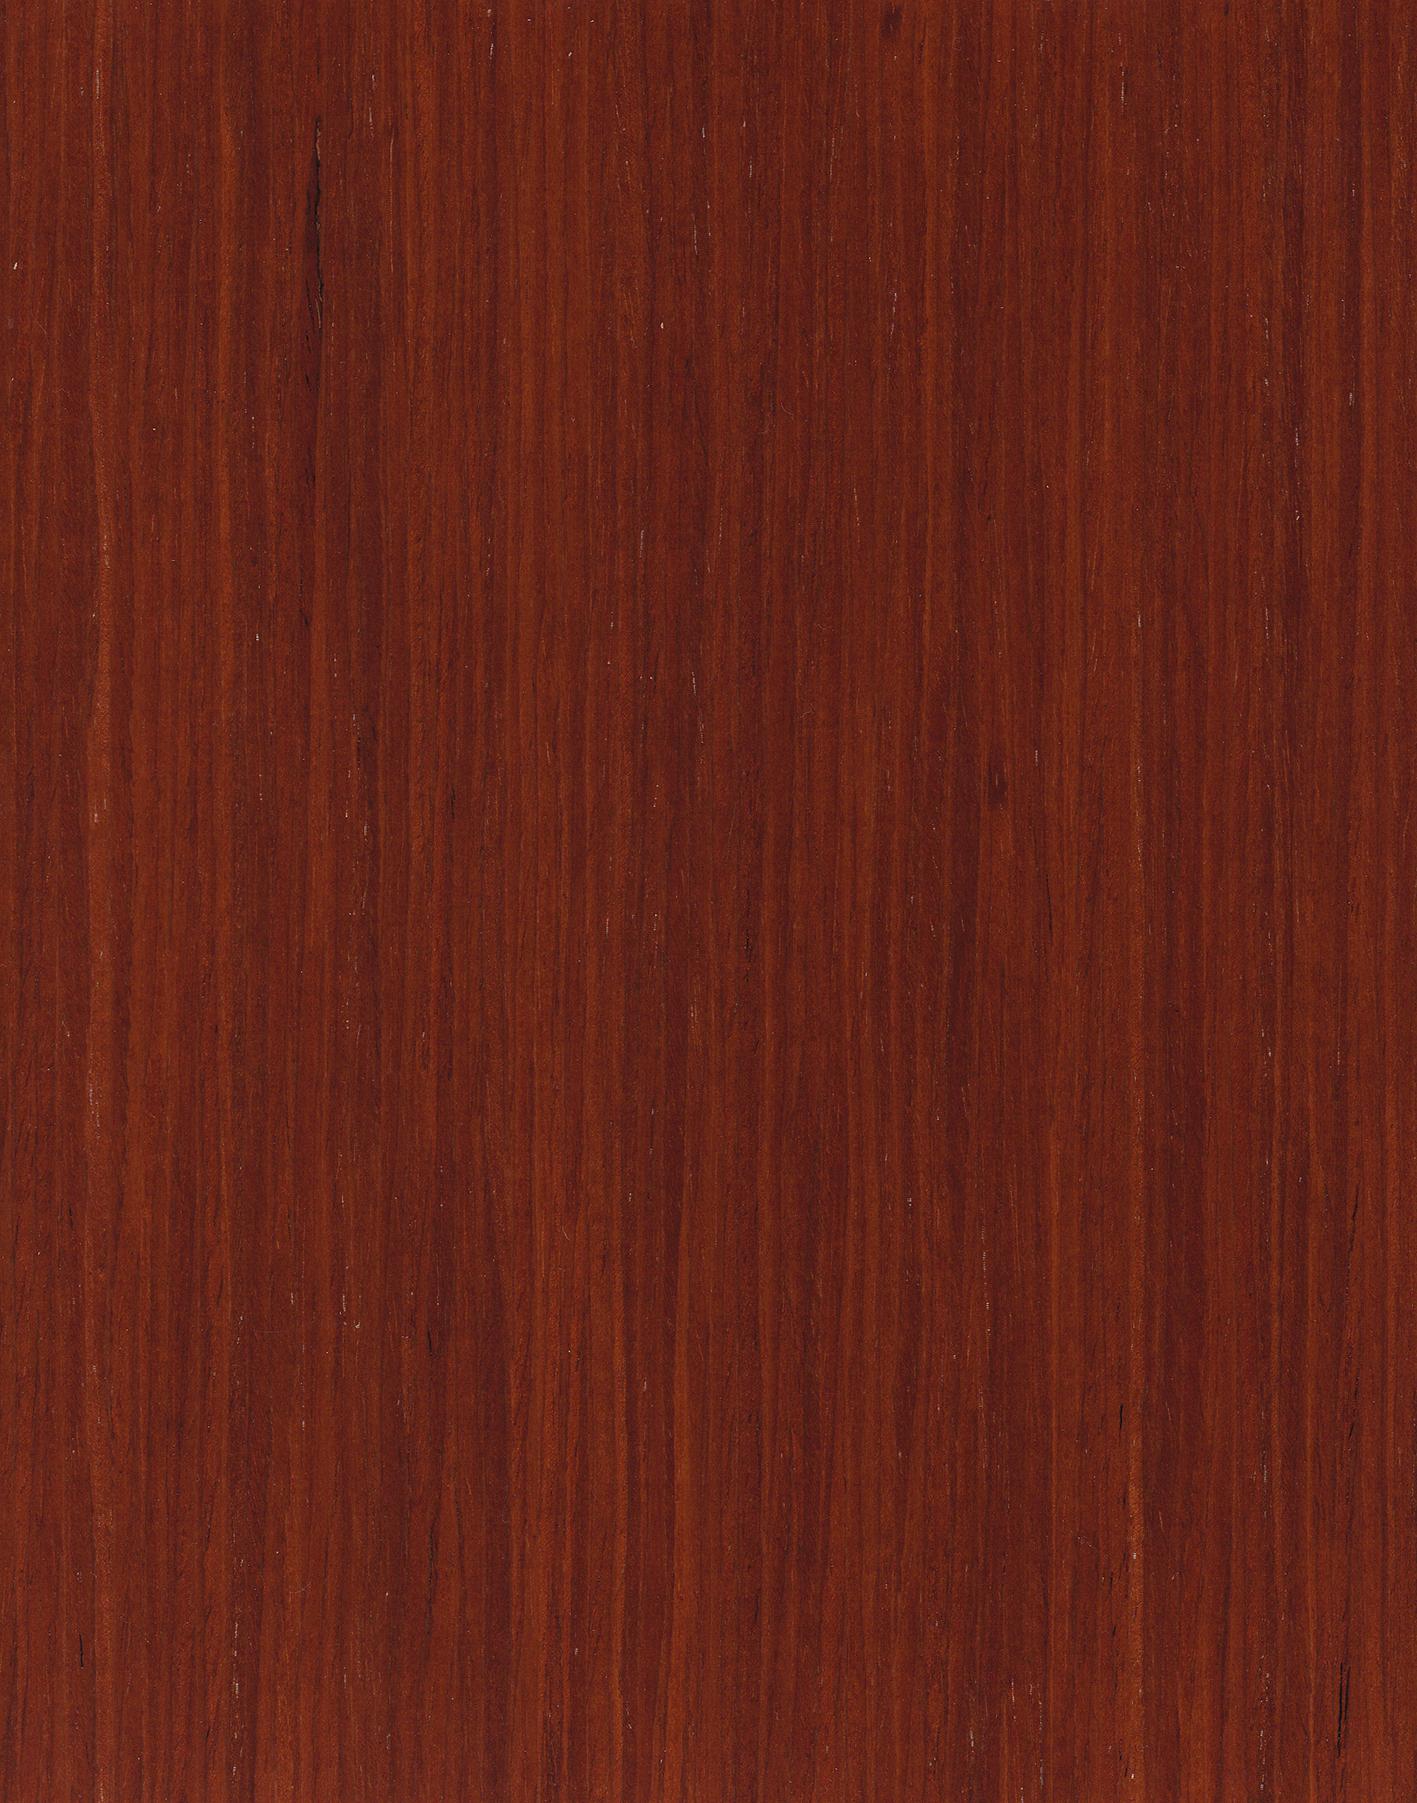 Finished Cherry Veneer ~ Cuarzo de color nocturno colección terra compac